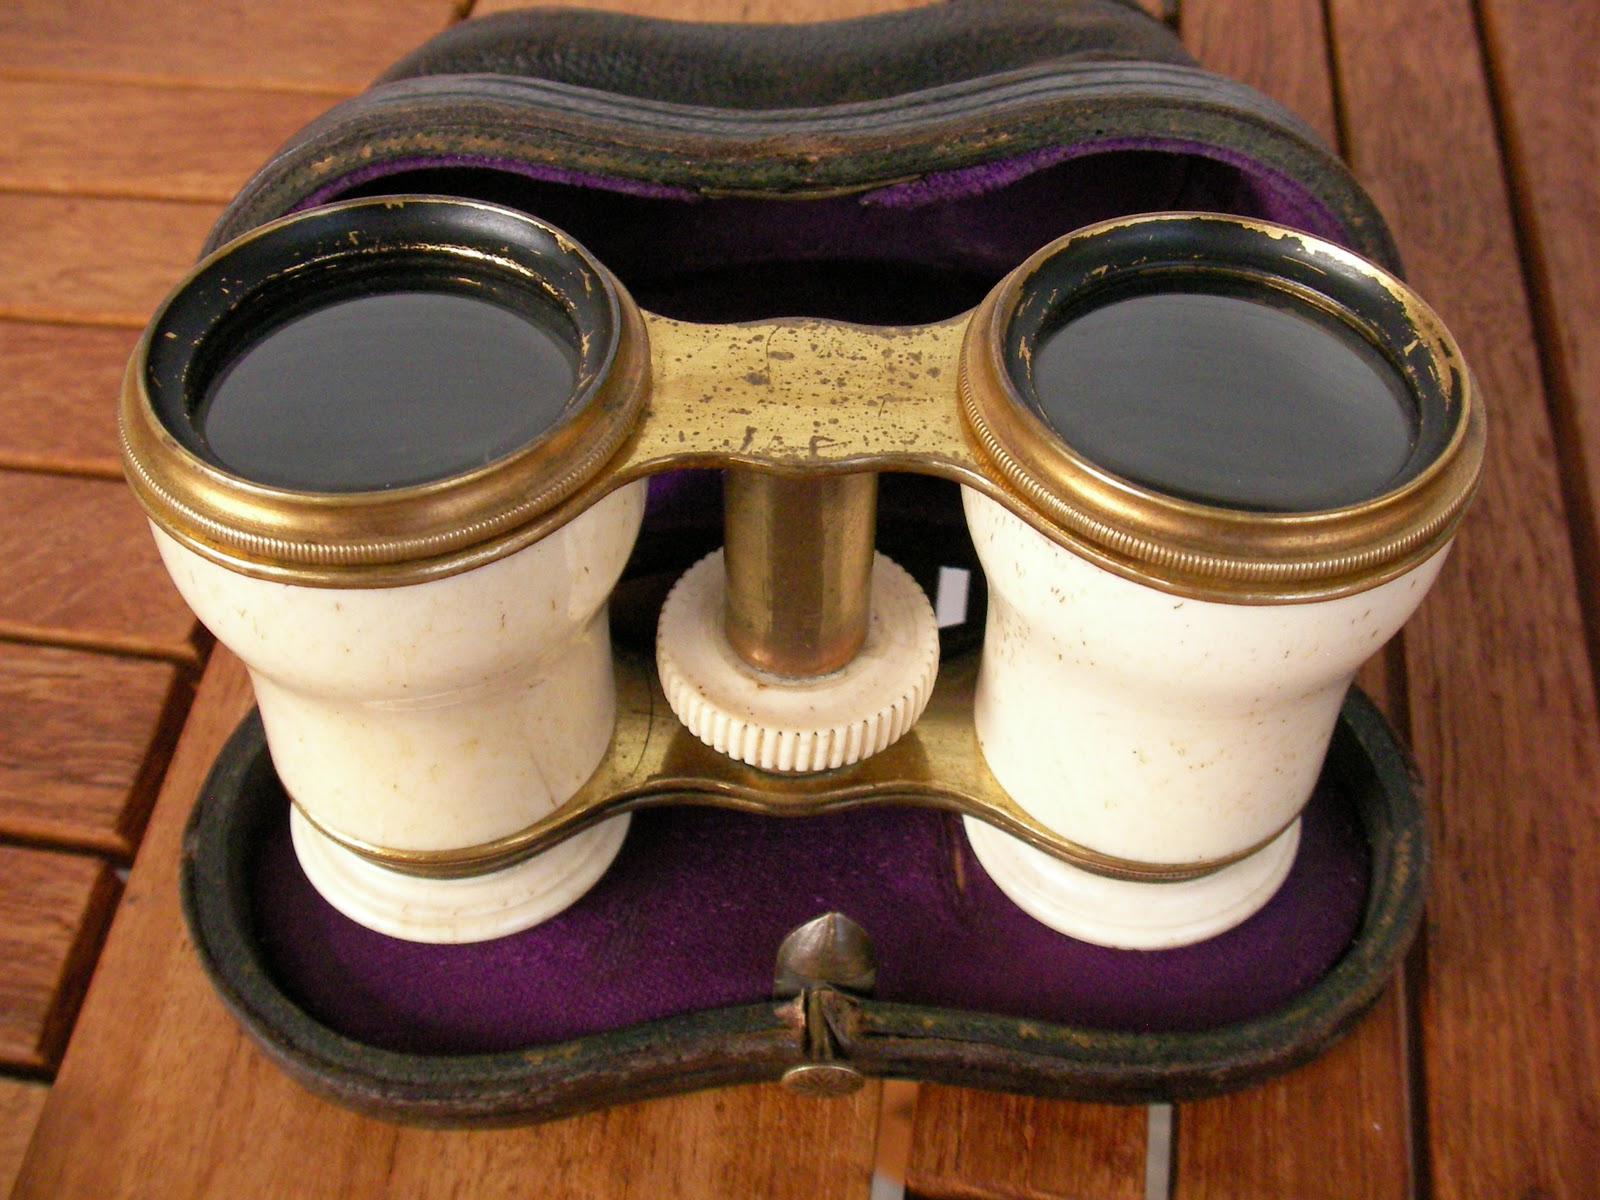 objets de collection art deco tableaux jumelles de theatre ivoire xix. Black Bedroom Furniture Sets. Home Design Ideas